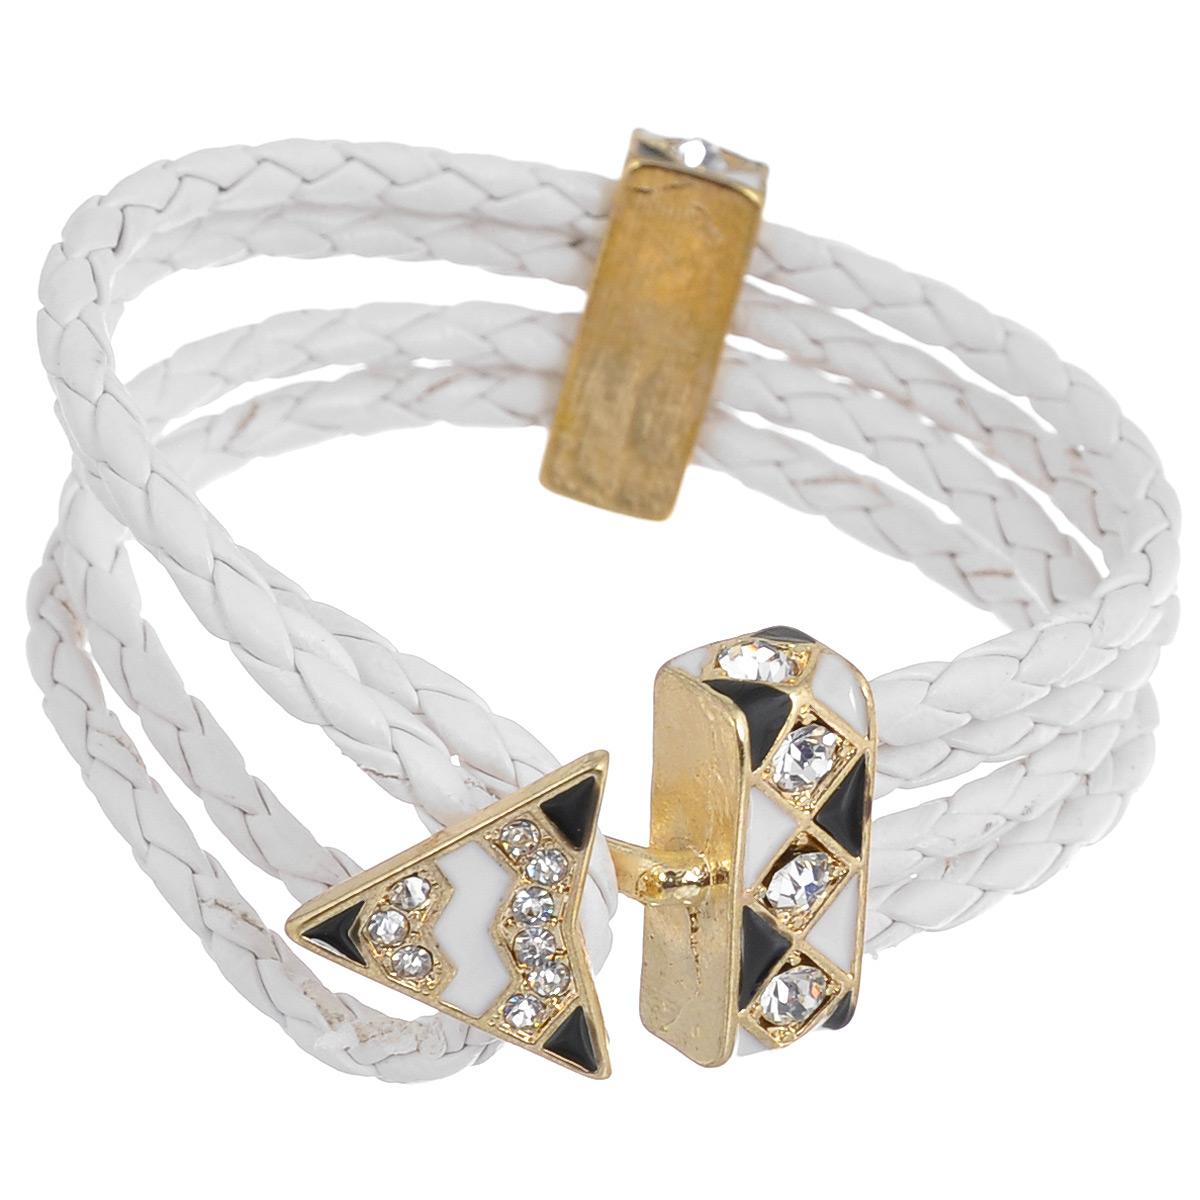 Браслет Avgad, цвет: золотистый, белый. BR77KL80BR77KL80Элегантный браслет Avgad выполнен в виде основы из четырех кожаных плетеных шнуров. Центральный элемент изделия выполнен в виде замка-петли, который оформлен стразами и эмалью. Благодаря эластичной основе и подвижным элементам изделие идеально разместиться на запястье. Такой браслет позволит вам с легкостью воплотить самую смелую фантазию и создать собственный, неповторимый образ.